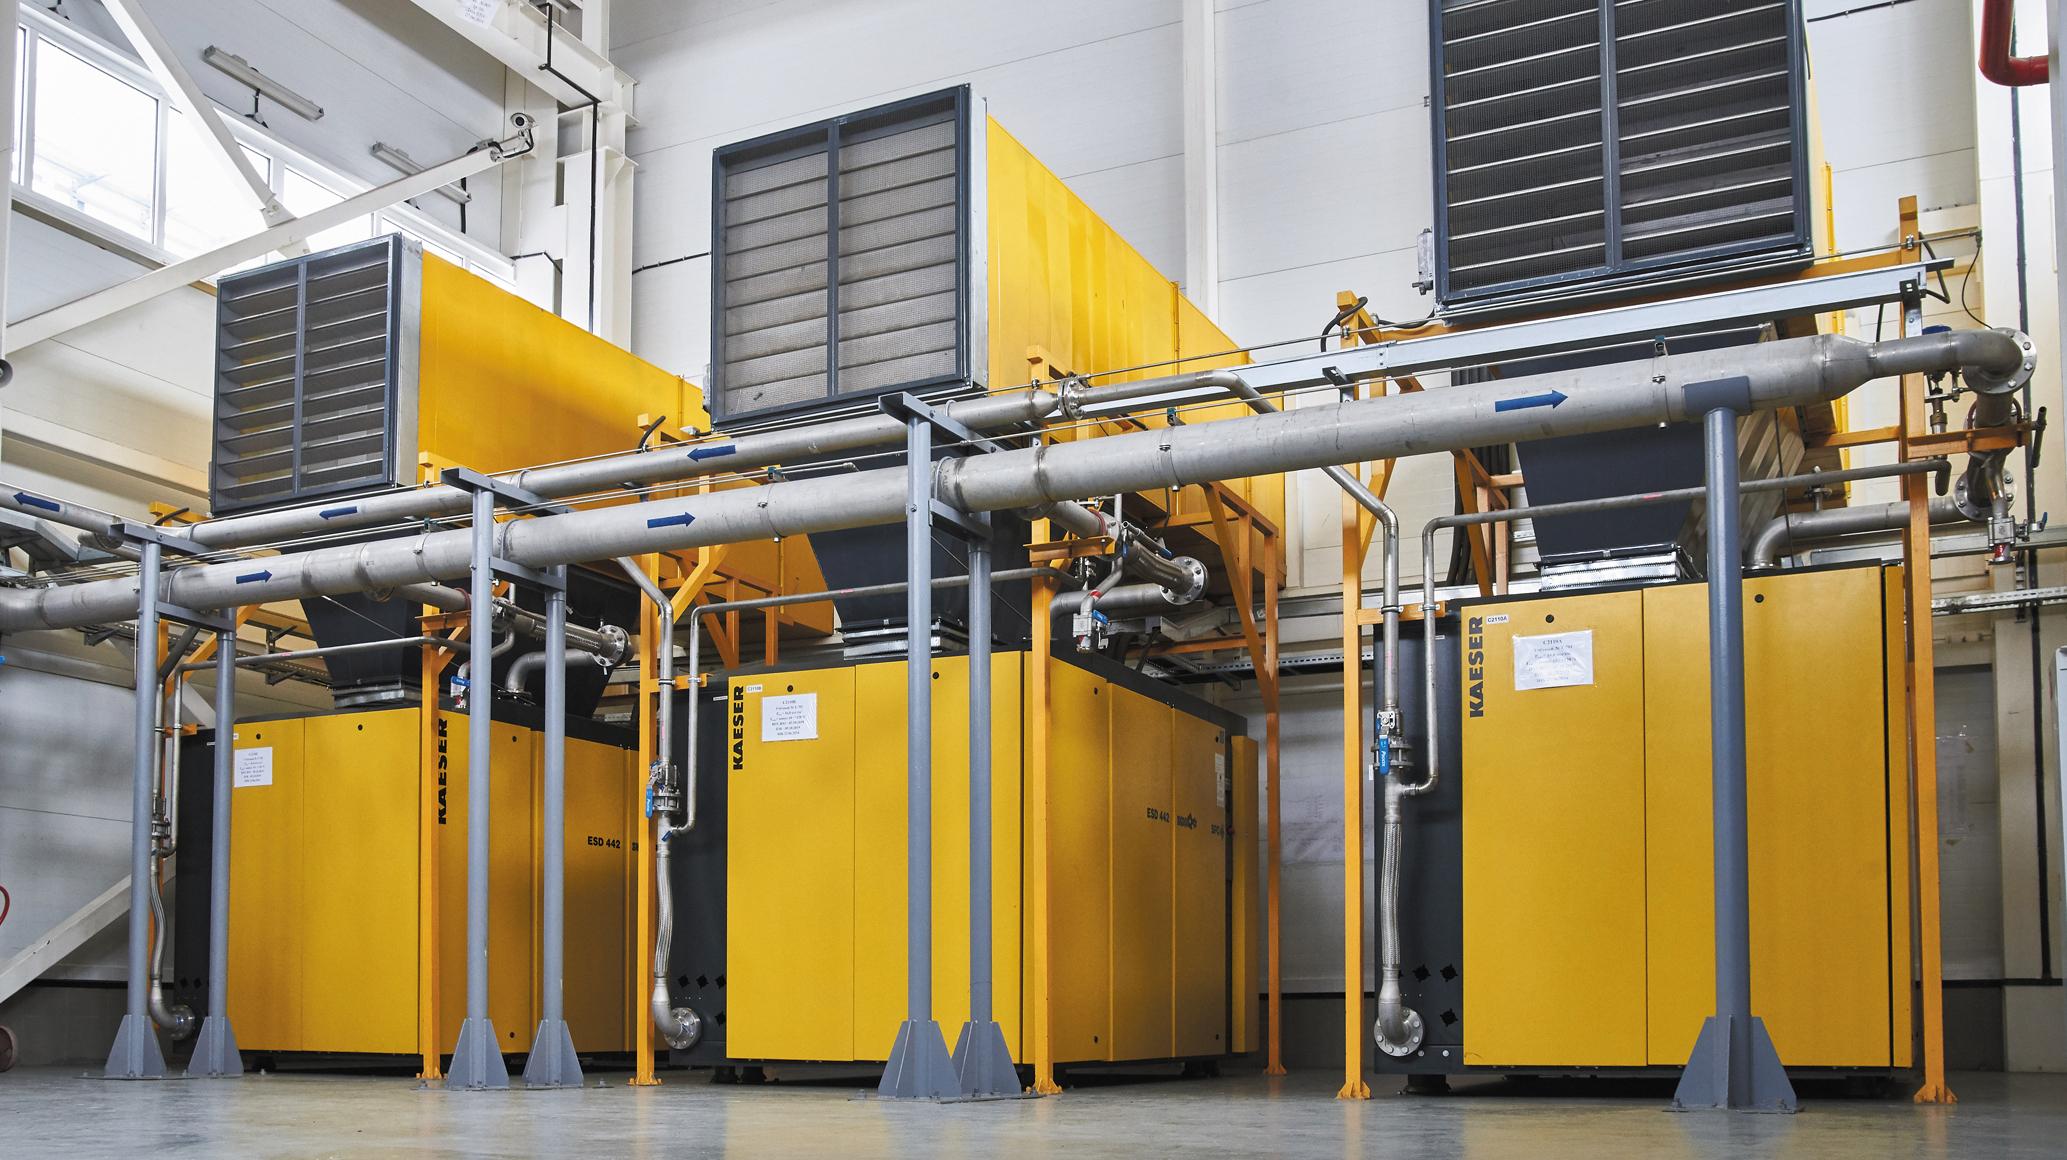 Это винтовые маслозаполненные компрессоры с воздушным охлаждением. Их ноу-хау — возможность подачи нагретого воздуха в машинный зал после охлаждения. Получается, что тепло «от» нагрева используется вторично «для» обогрева машинного зала. Это позволяет экономить тепловую энергию.